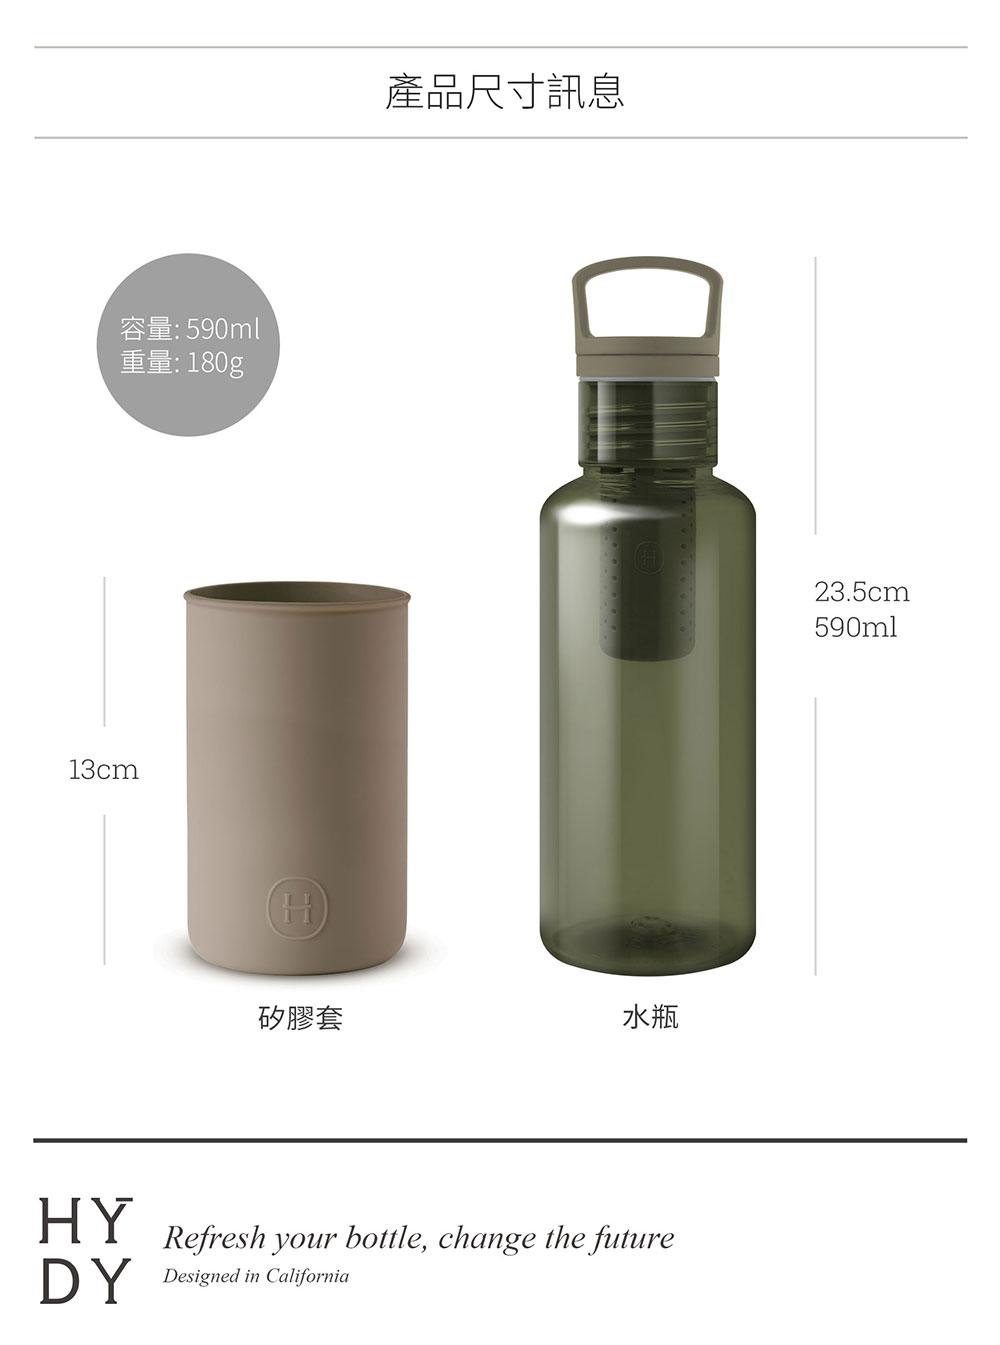 美國 HYDY 輕靚系列 透明冷水瓶 590ml 森綠瓶 (荒野)